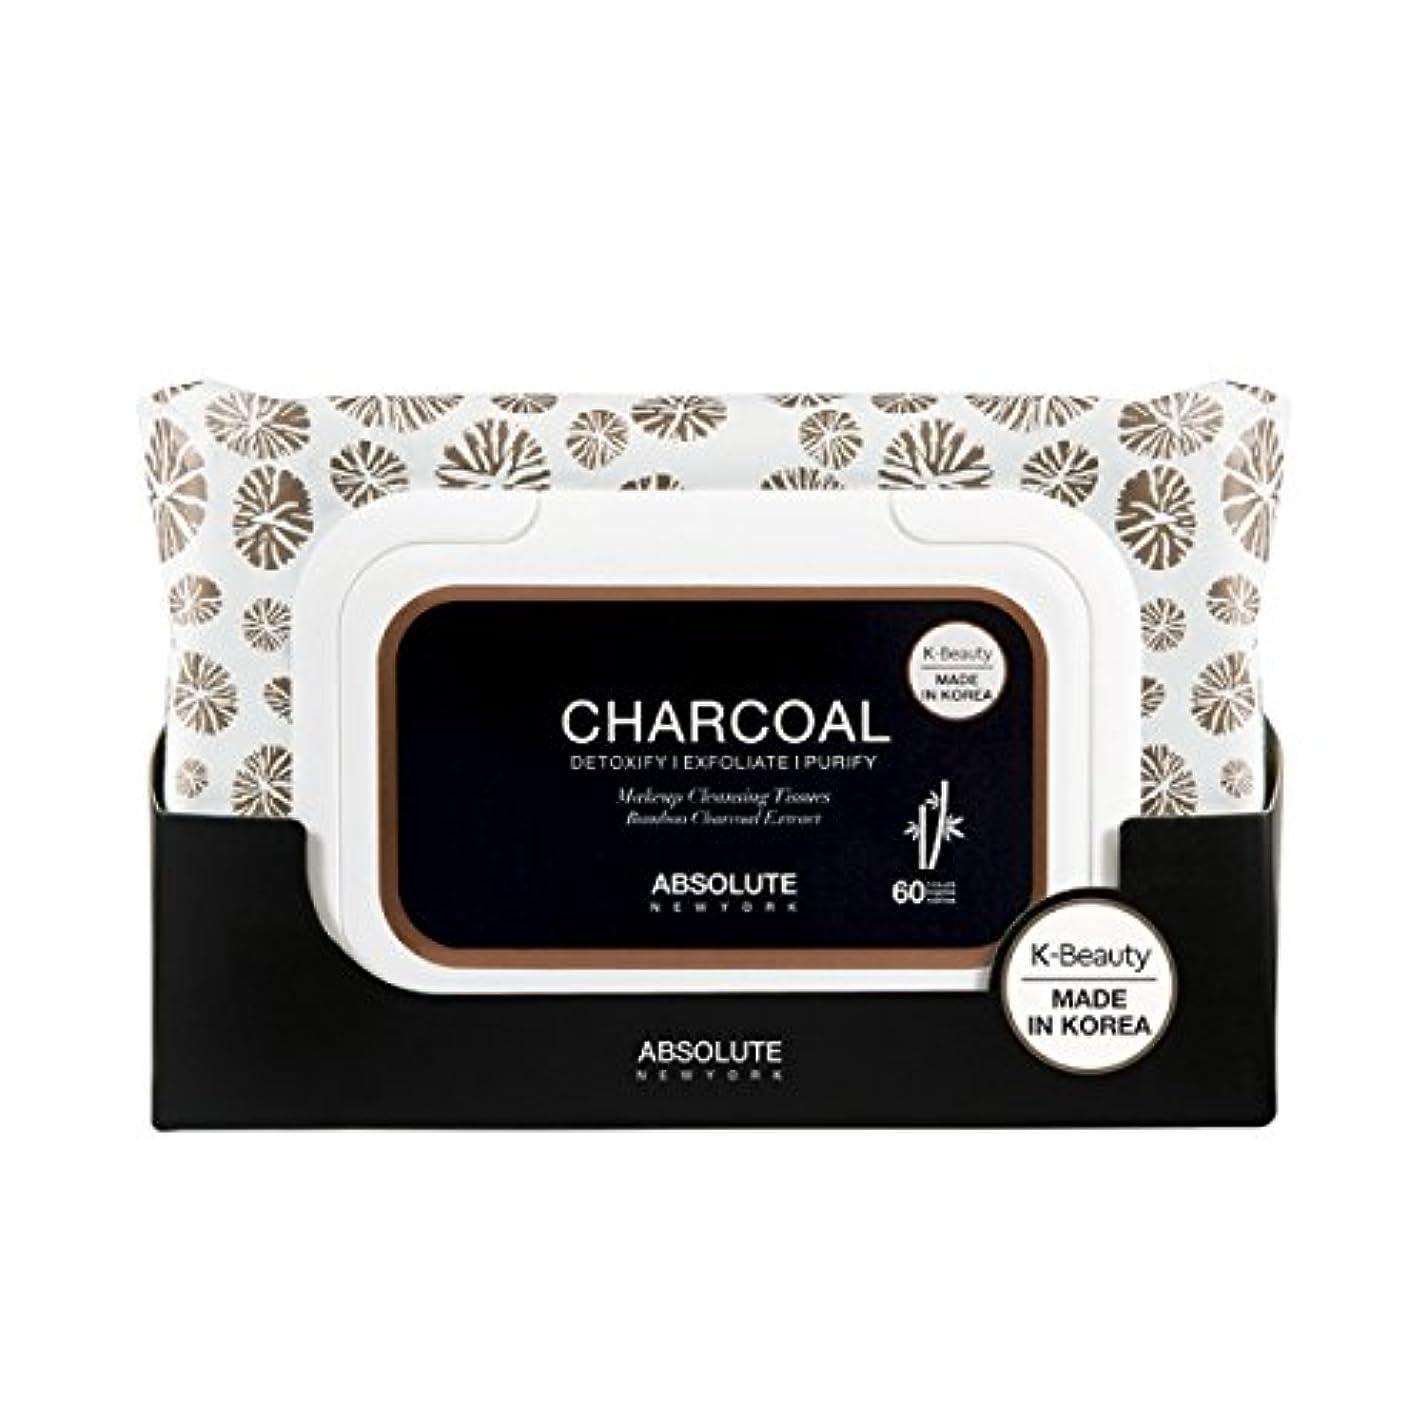 承認フロンティアくしゃみ(3 Pack) ABSOLUTE Charcoal Cleansing Tissue (並行輸入品)